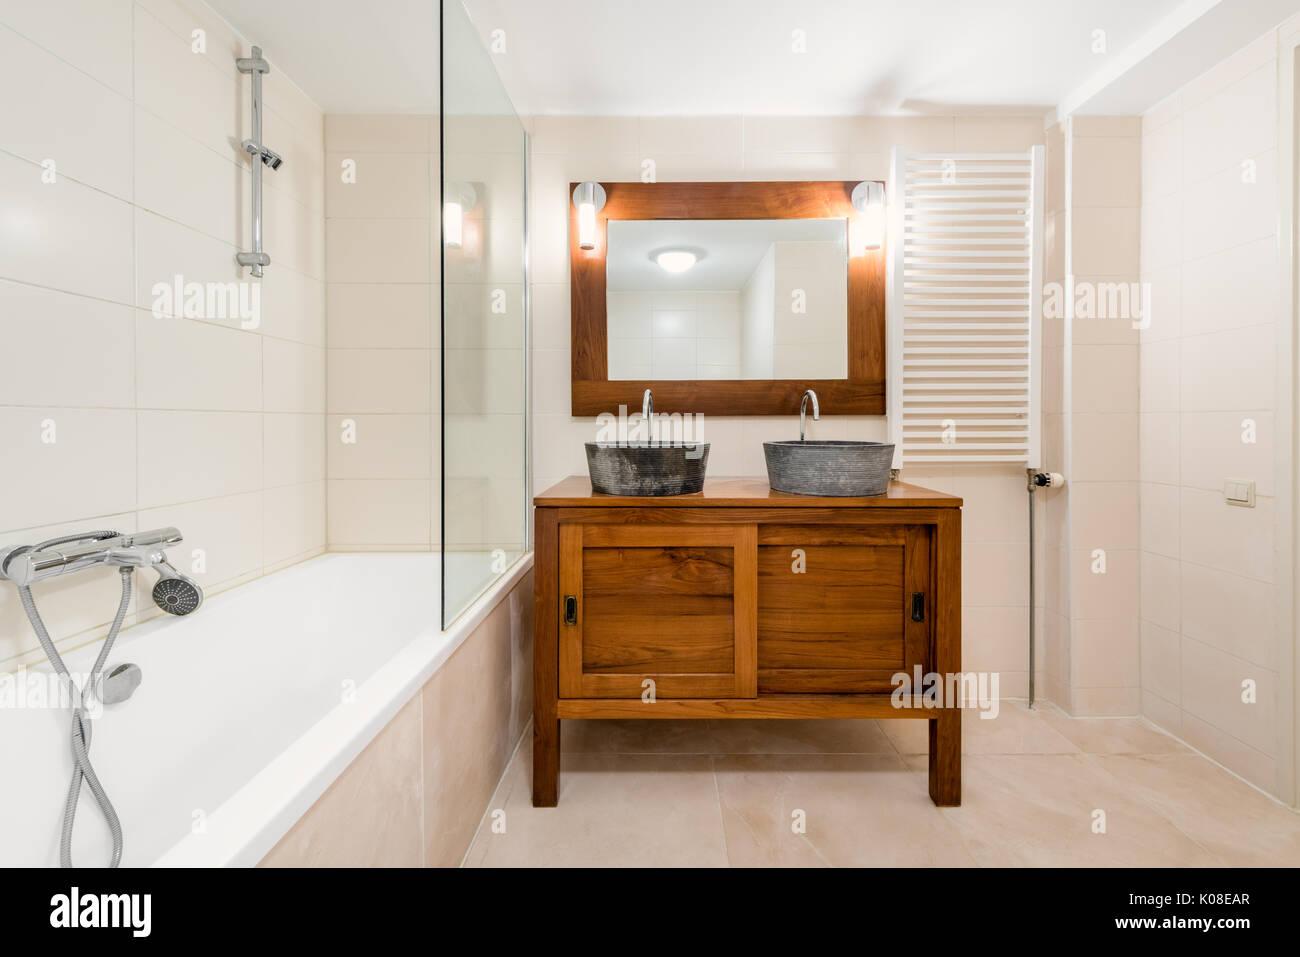 Modernes Bad Mit 2 Waschbecken, Spiegel, Badewanne Und Design Des Kühlers